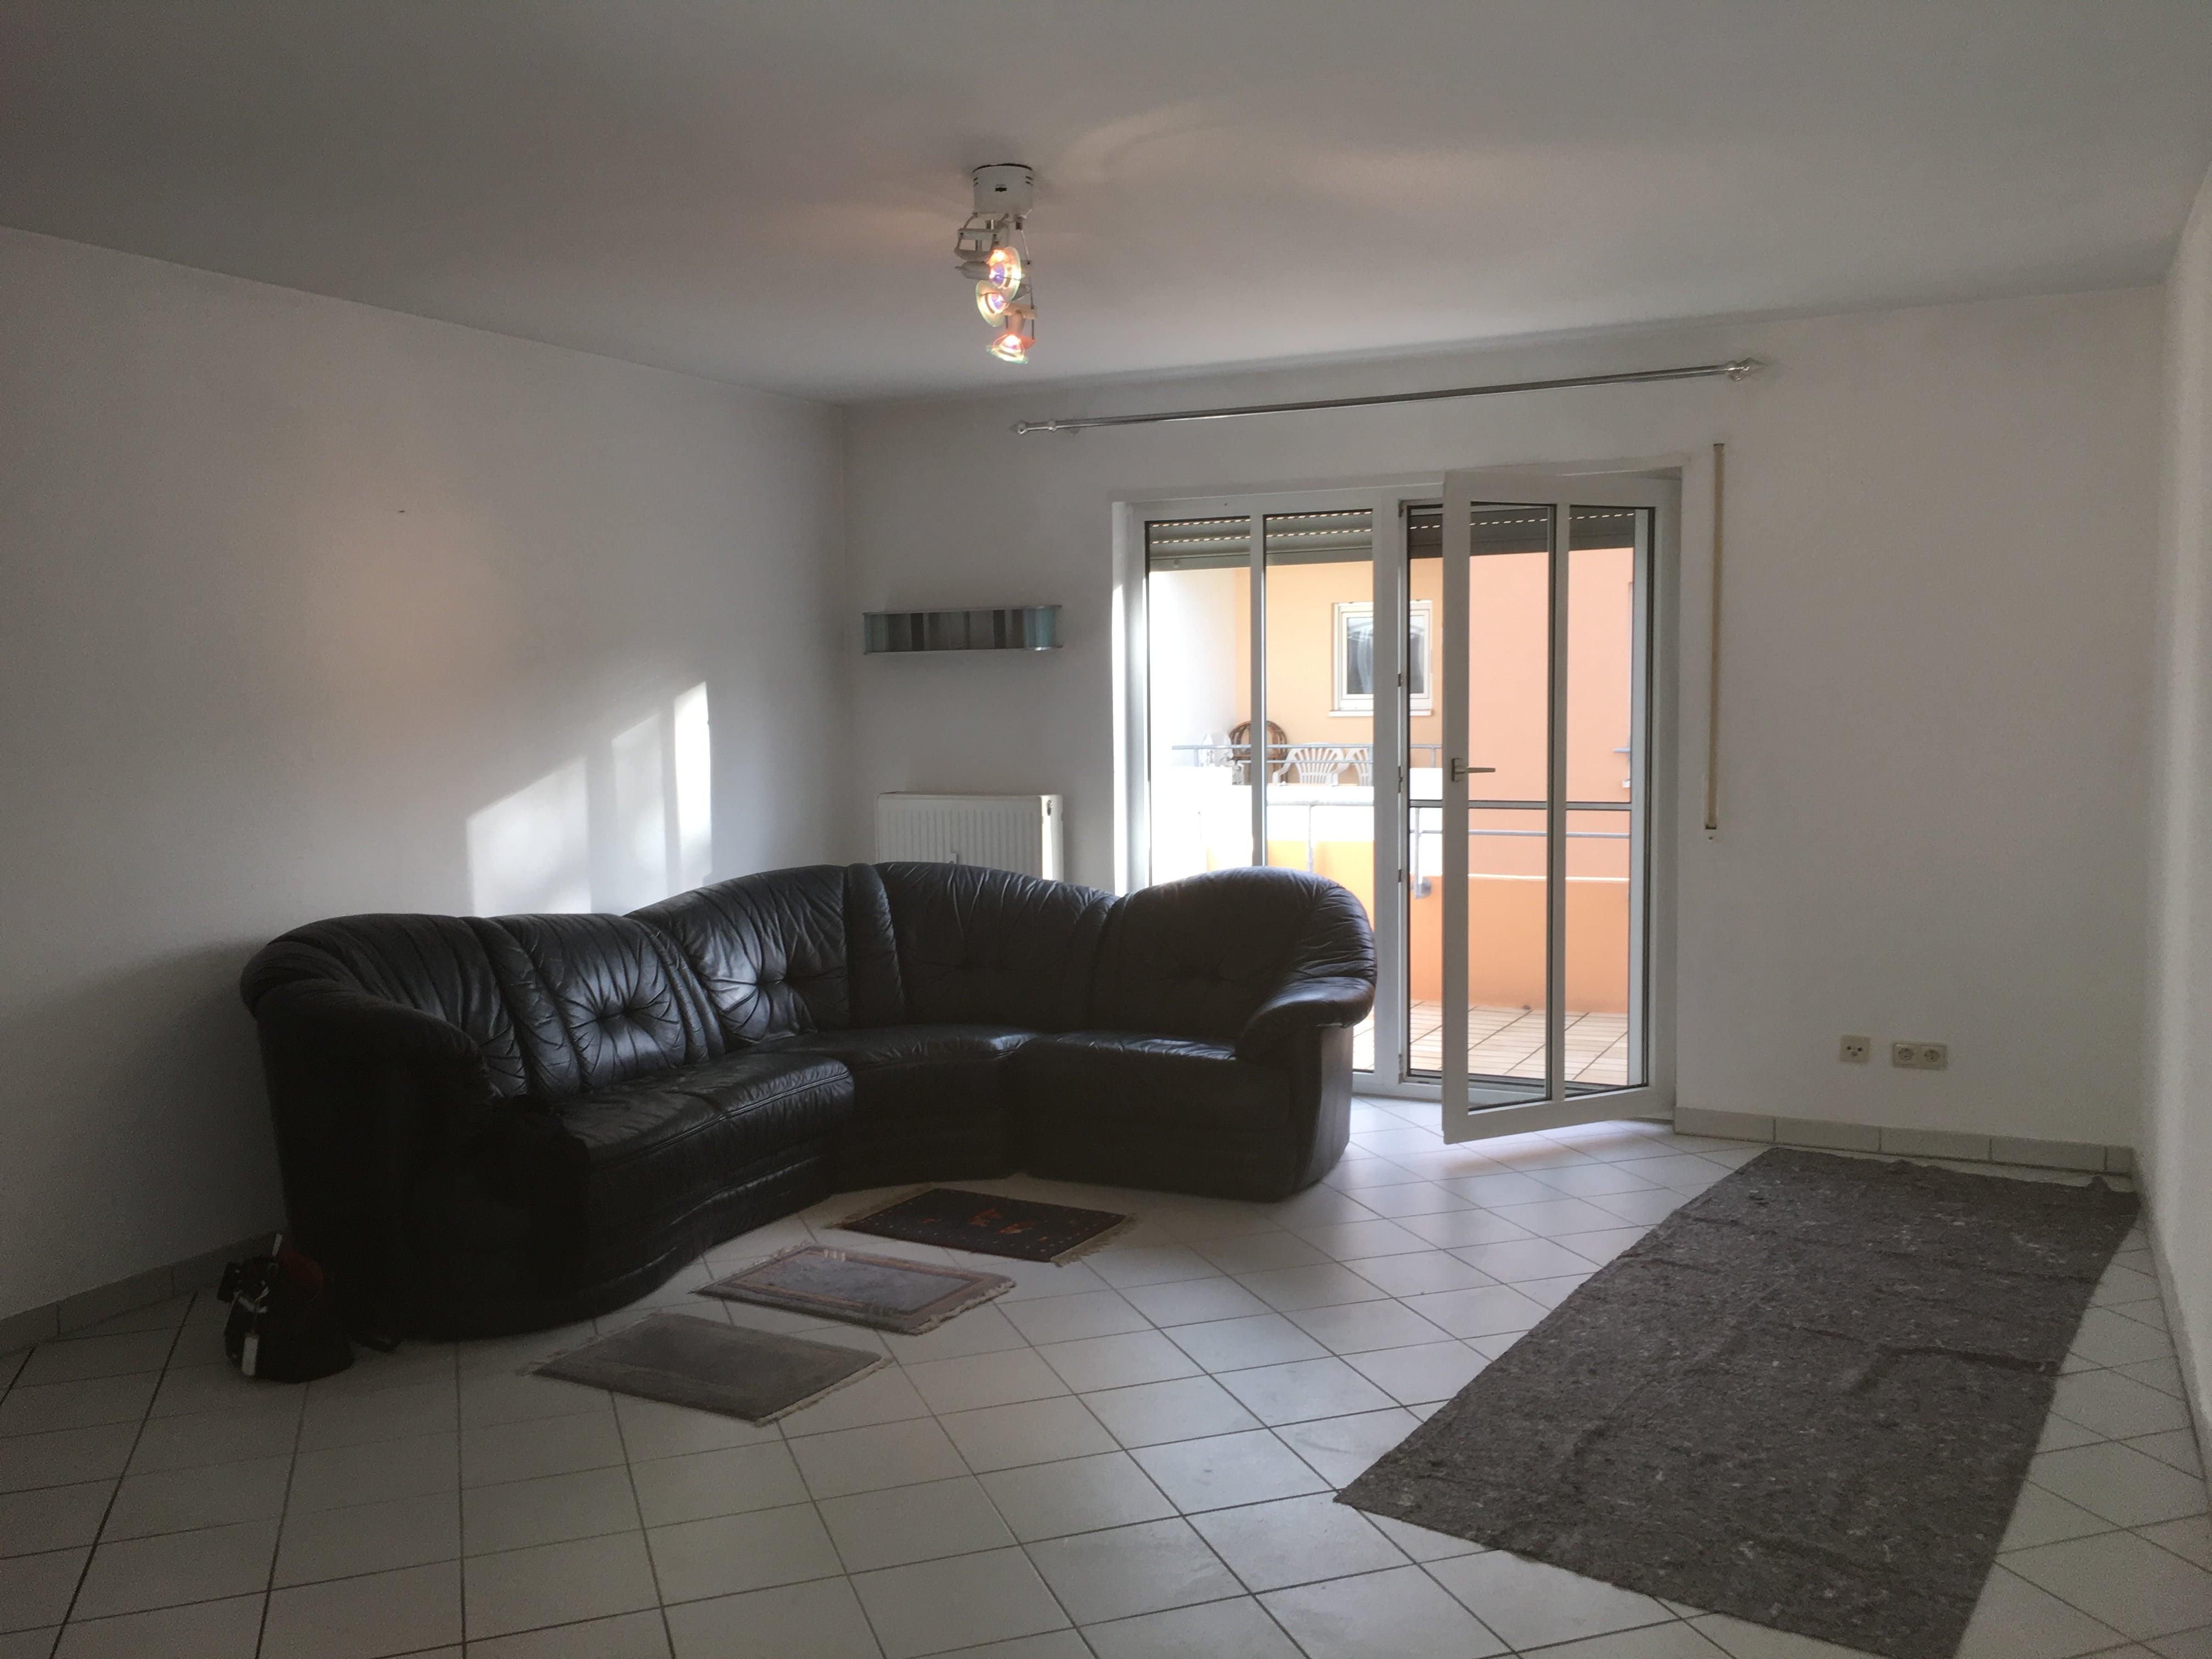 News-Beitrag: Home Story about…Wohnung in Heidelberg wird aufgehübscht!